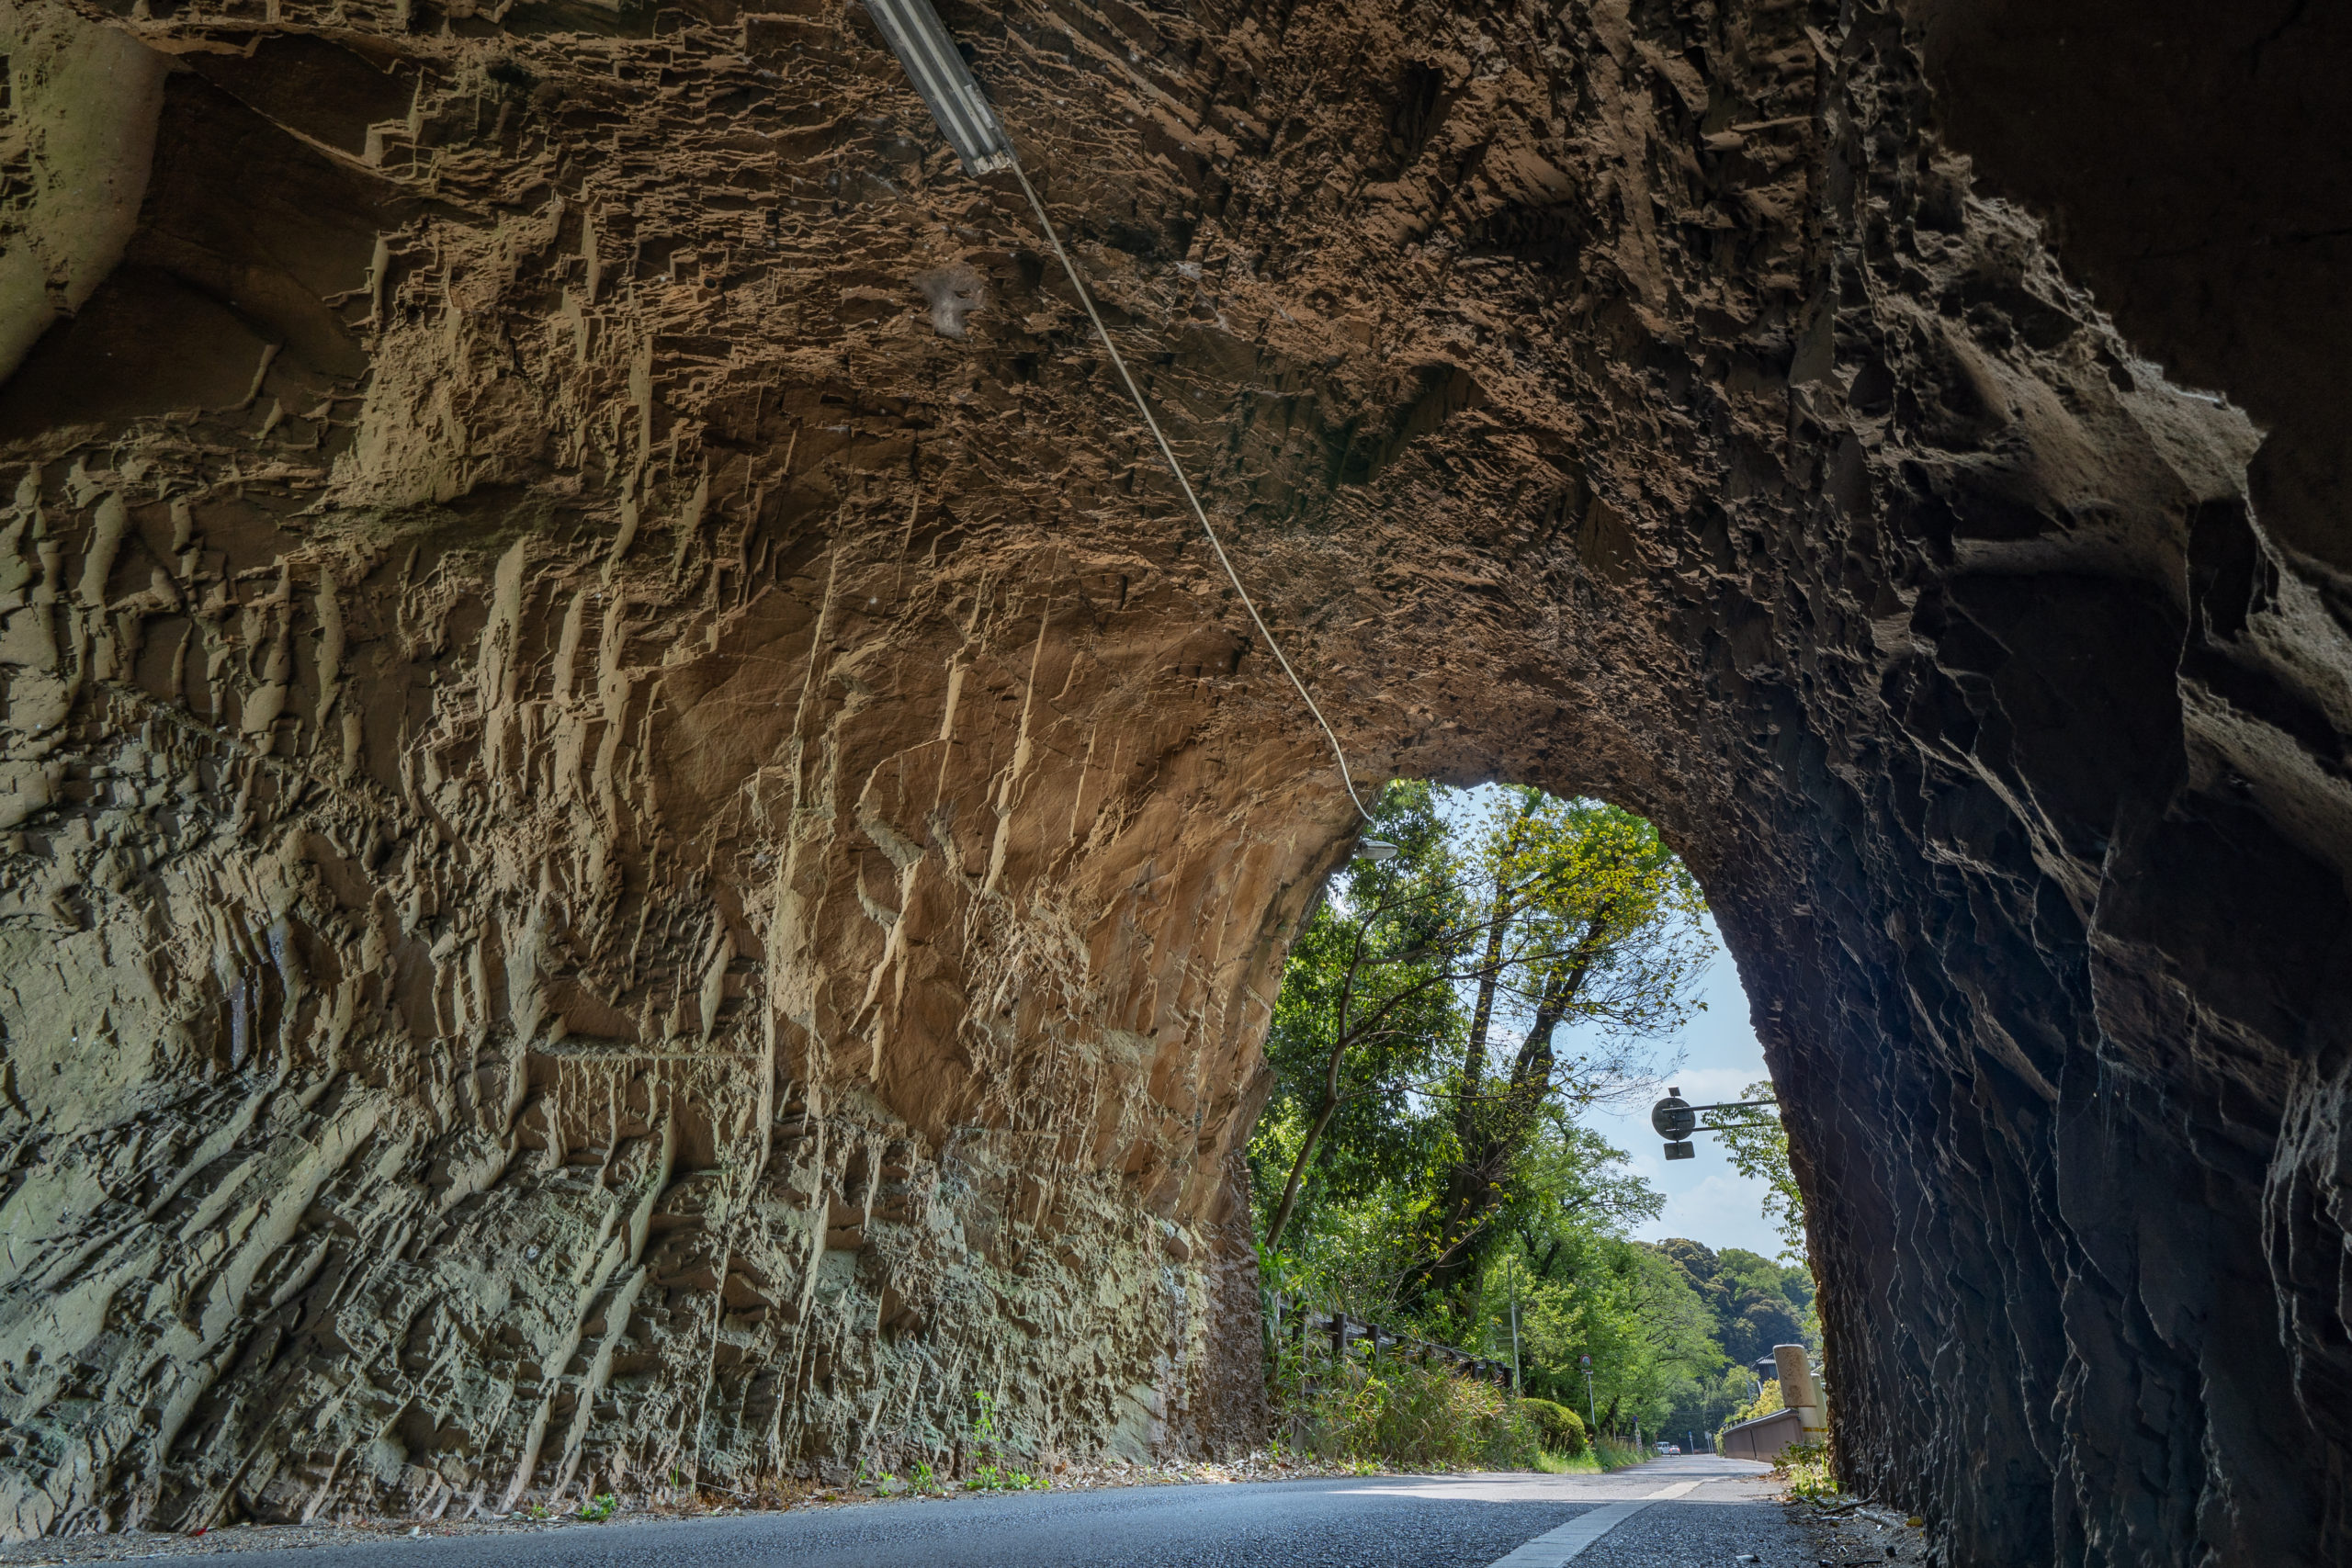 犬山城下隧道(いぬやましろしたすいどう)